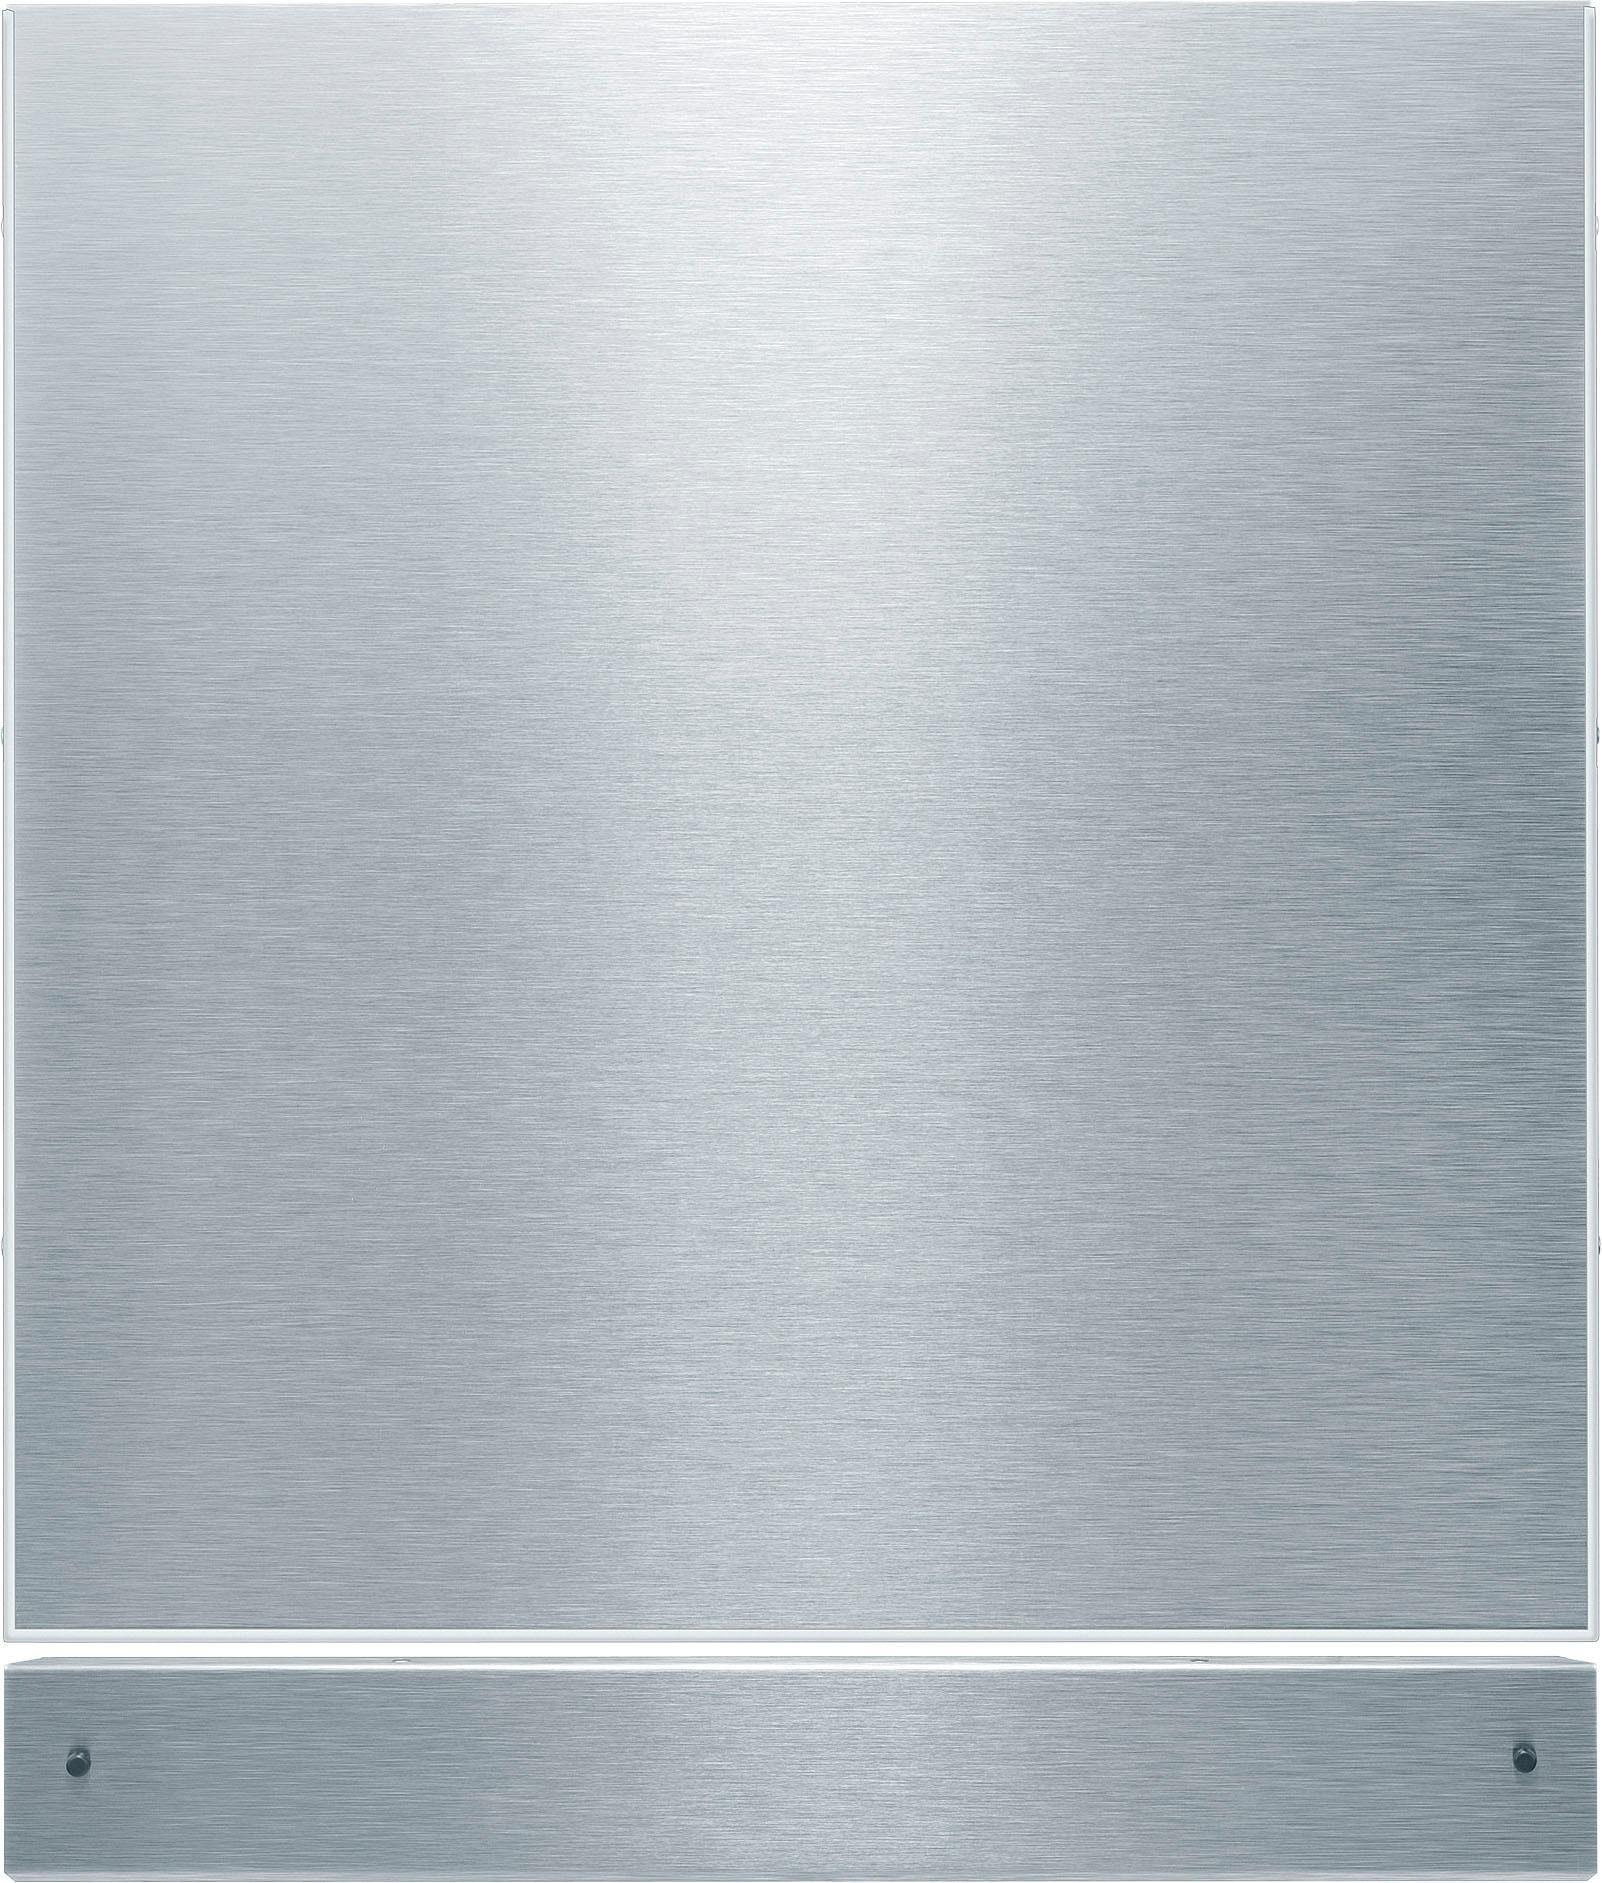 Bosch Geschirrspüler-Blende SMZ5025